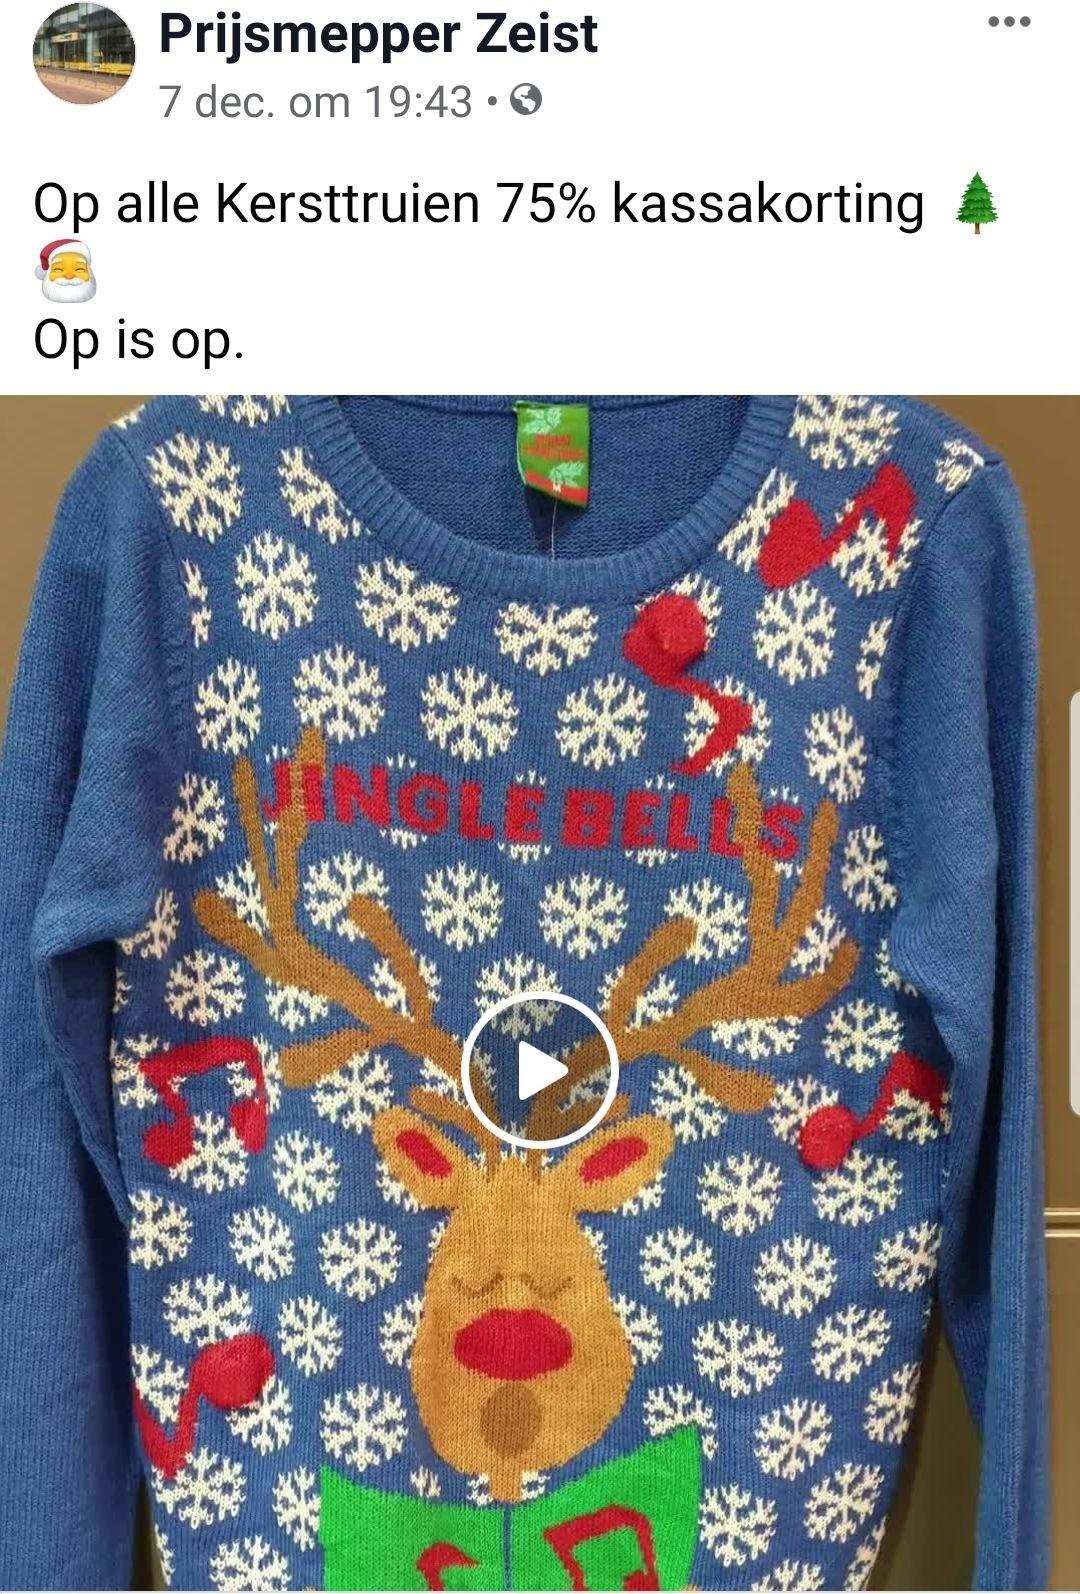 #Lokaal @ prijsmepper in Zeist 75% korting op (foute) kersttruien